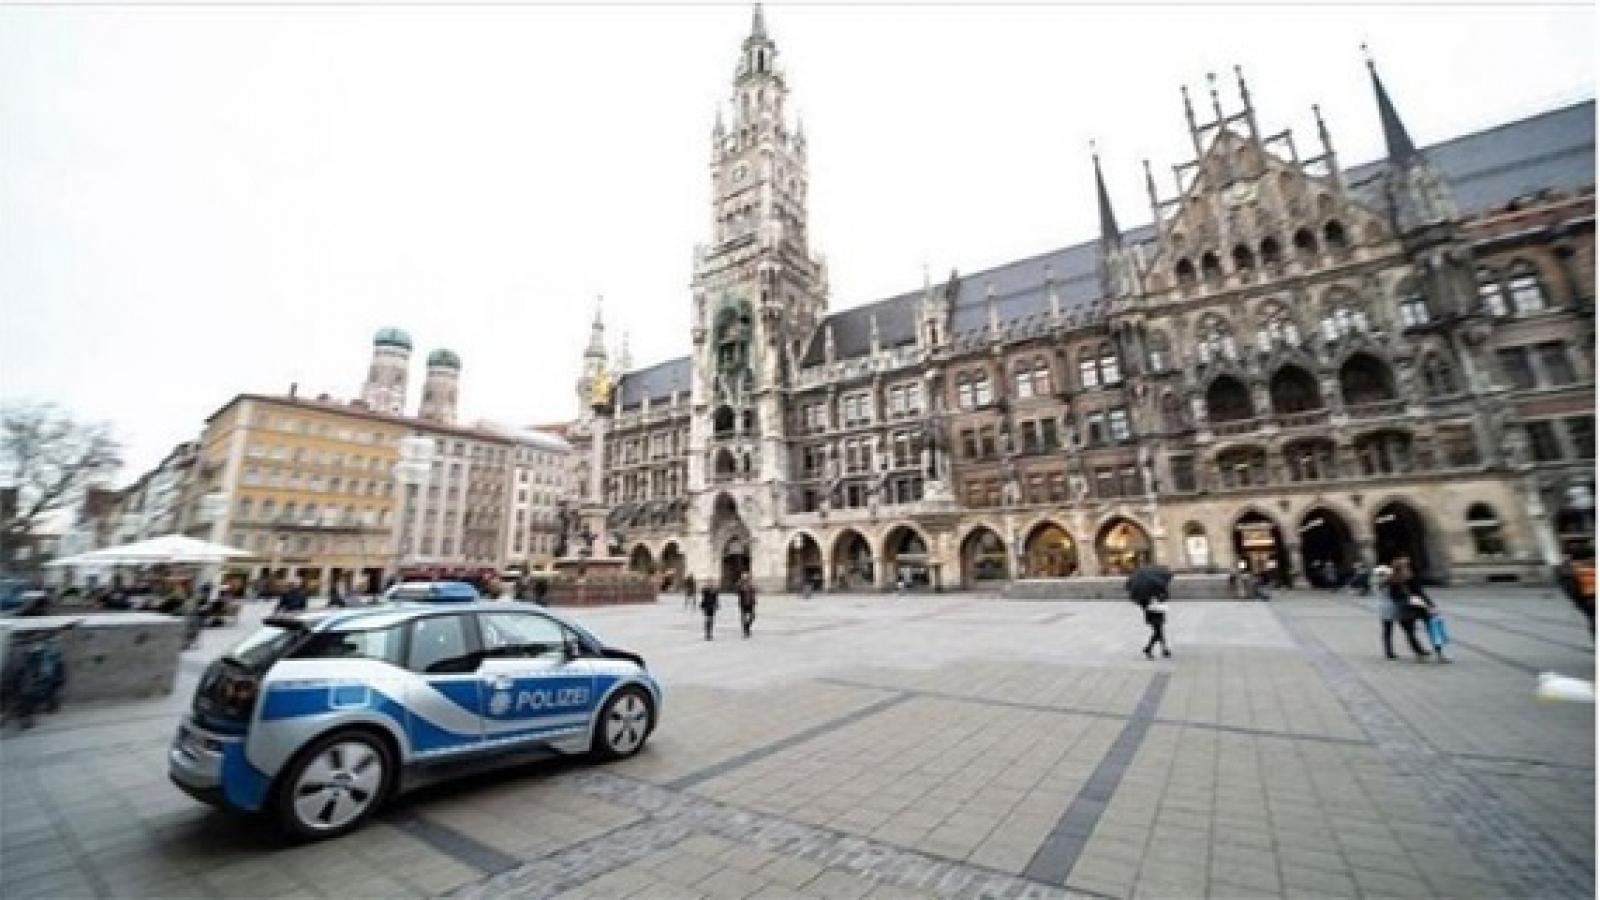 Giao thông công cộng ở Đức thiệt hại 3,5 tỷ euro do COVID-19